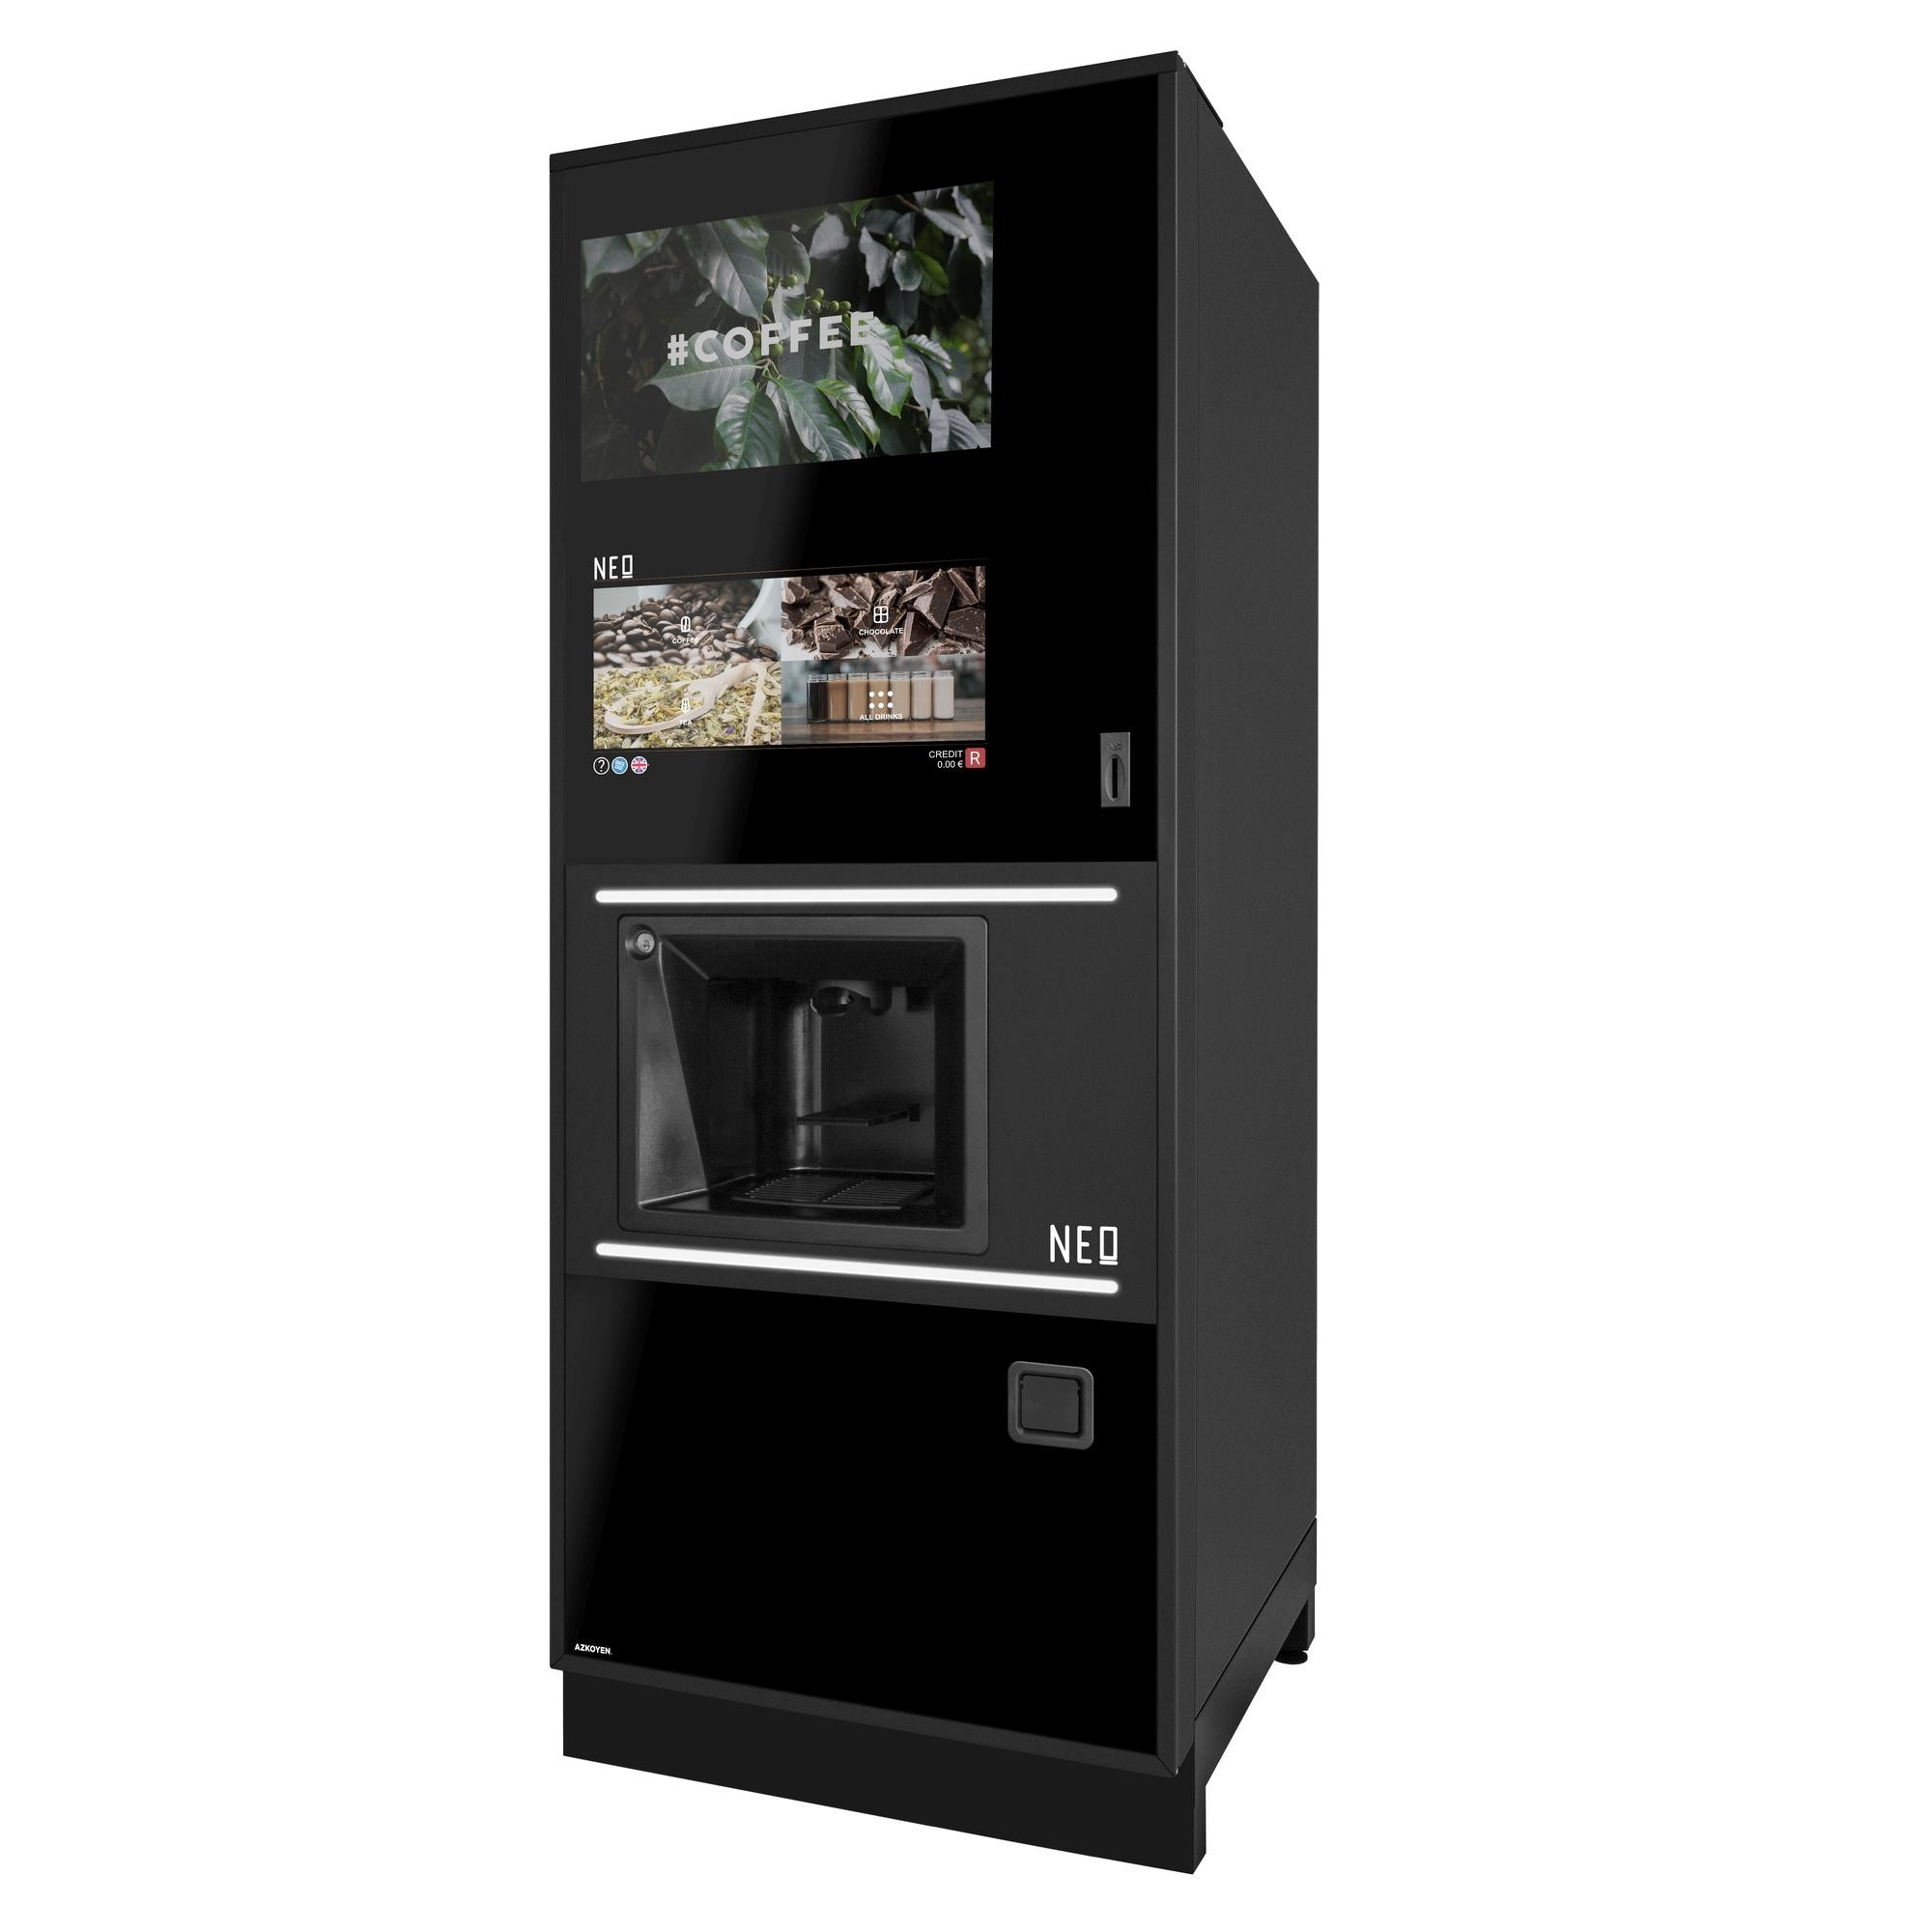 Neo Plus Vending Machine